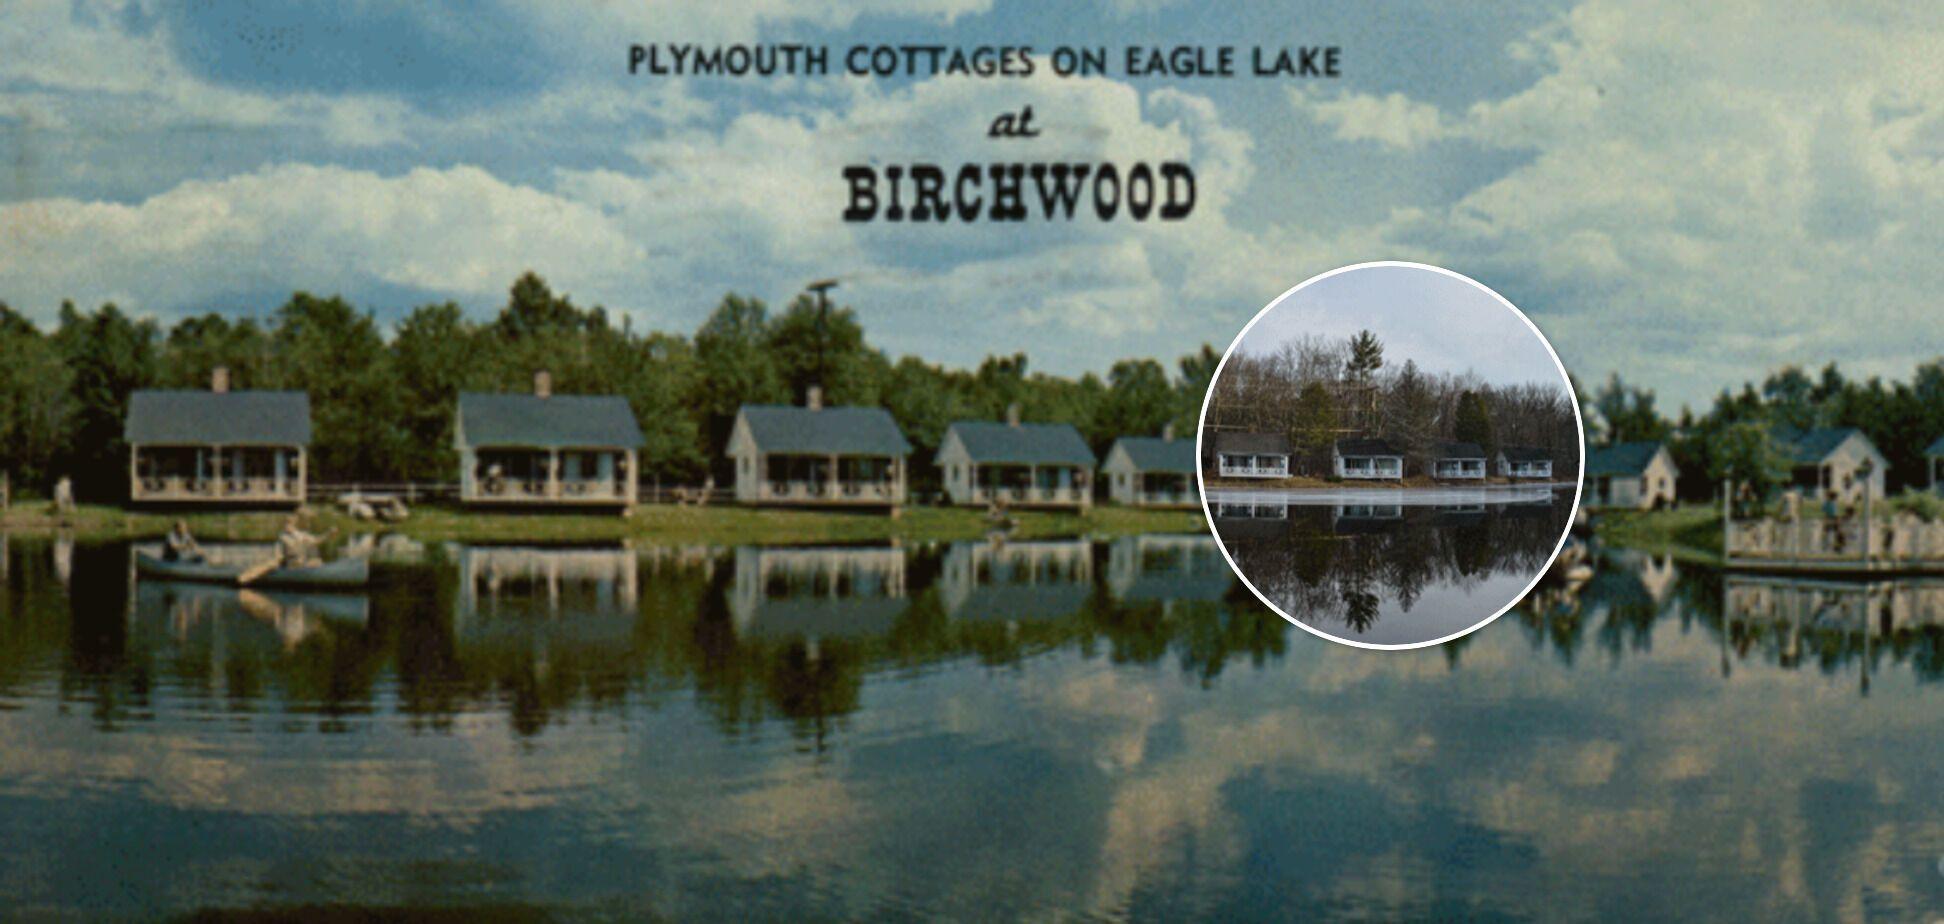 """Подпись на открытке: """"Берчвуд – единственный курорт, предлагающий крытый бассейн, открытый бассейн и озеро с пляжем..."""". На фото изображено красивое озеро Орла у деревни Грин"""